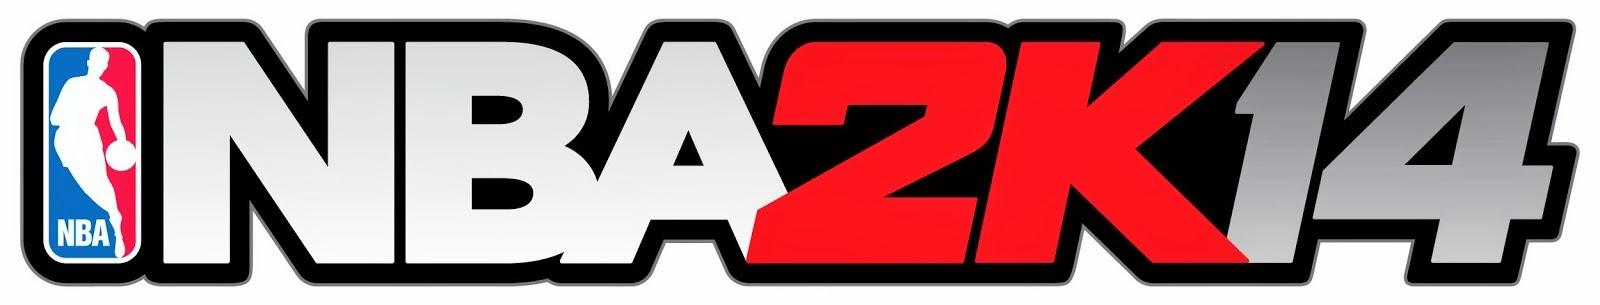 NBA 2K14 Keygen: NBA 2K13 PC Keygen Download Page